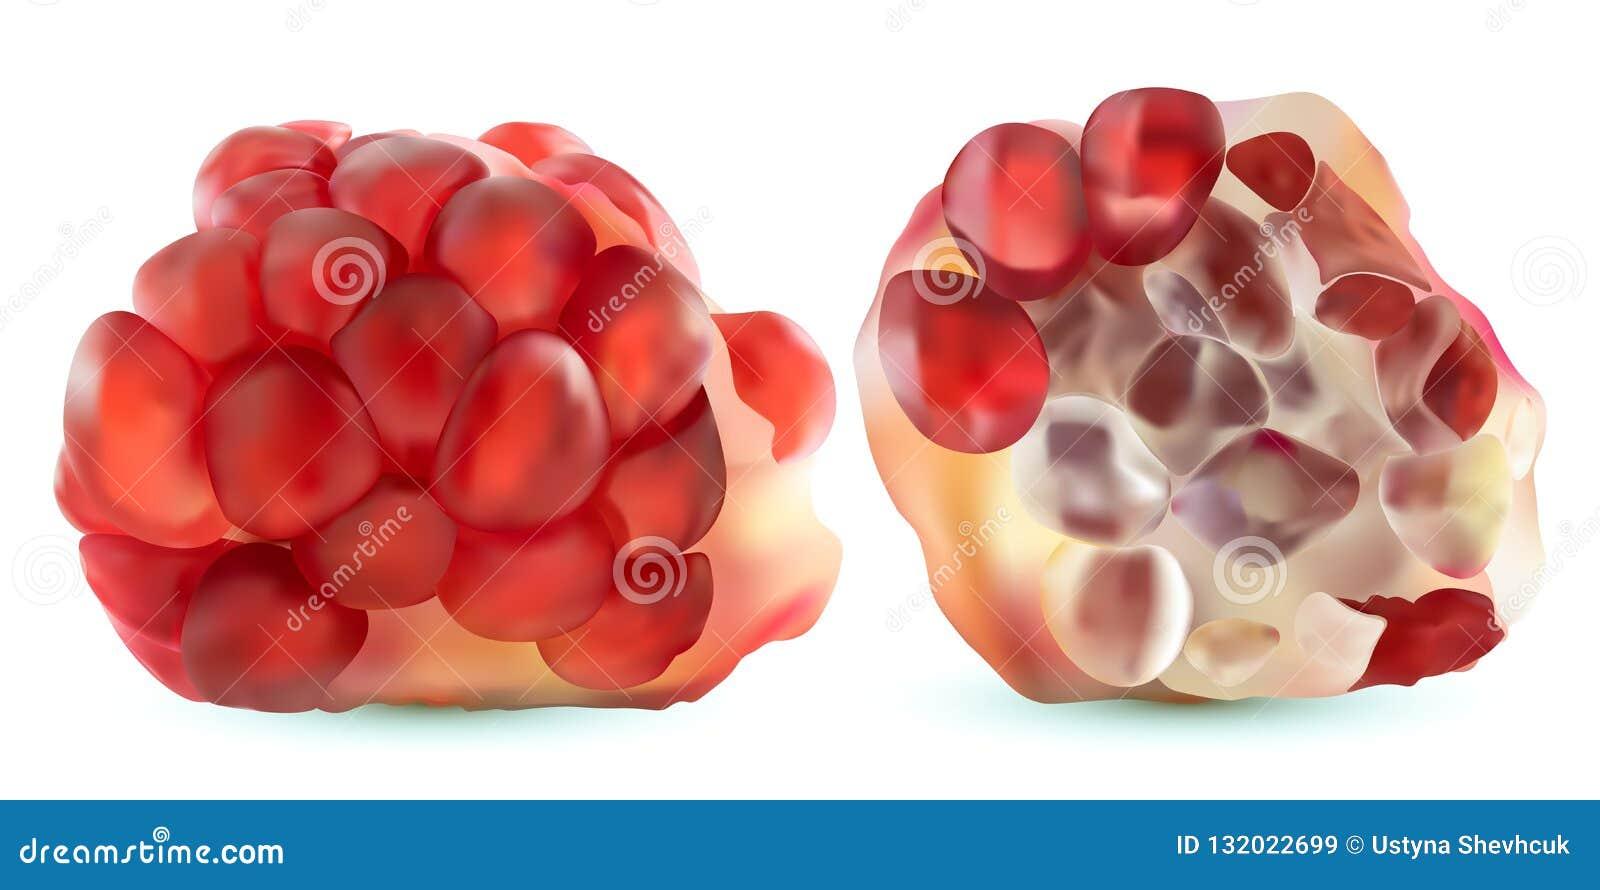 Romã realística do vetor 3d, grupo do fruto tropical, isolado no fundo branco Romã madura ajustada Rubi vermelho